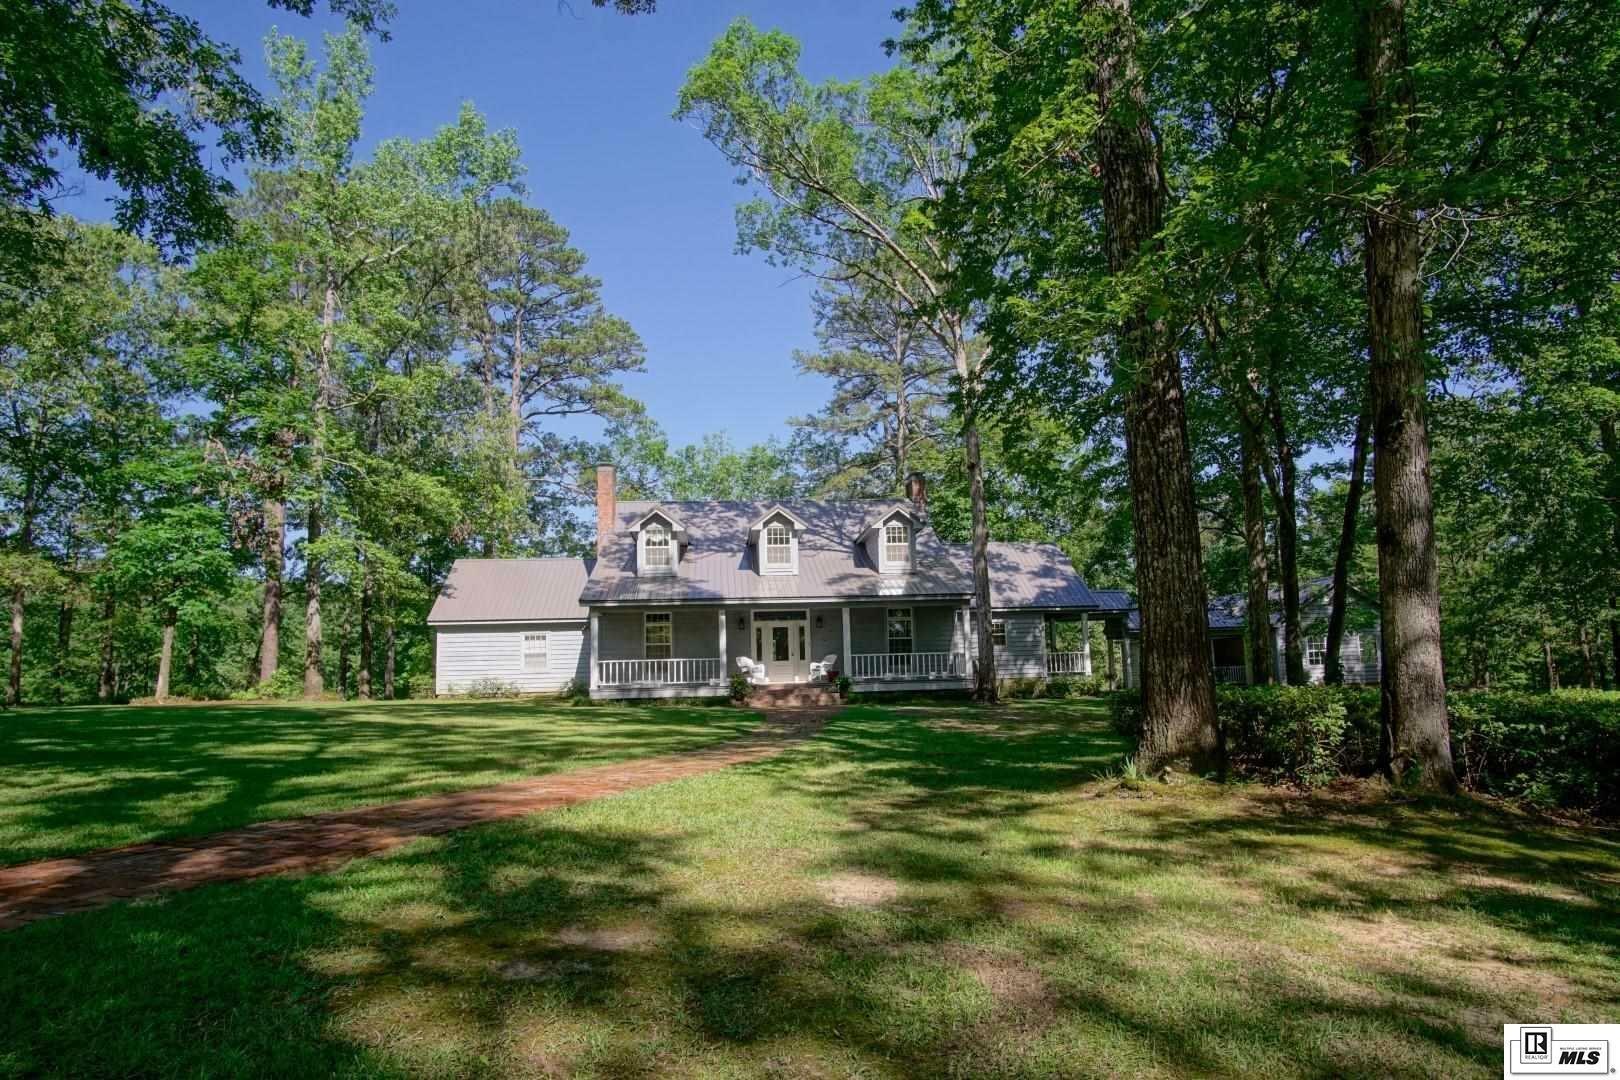 Casa a West Monroe, Louisiana, Stati Uniti 1 - 11456838